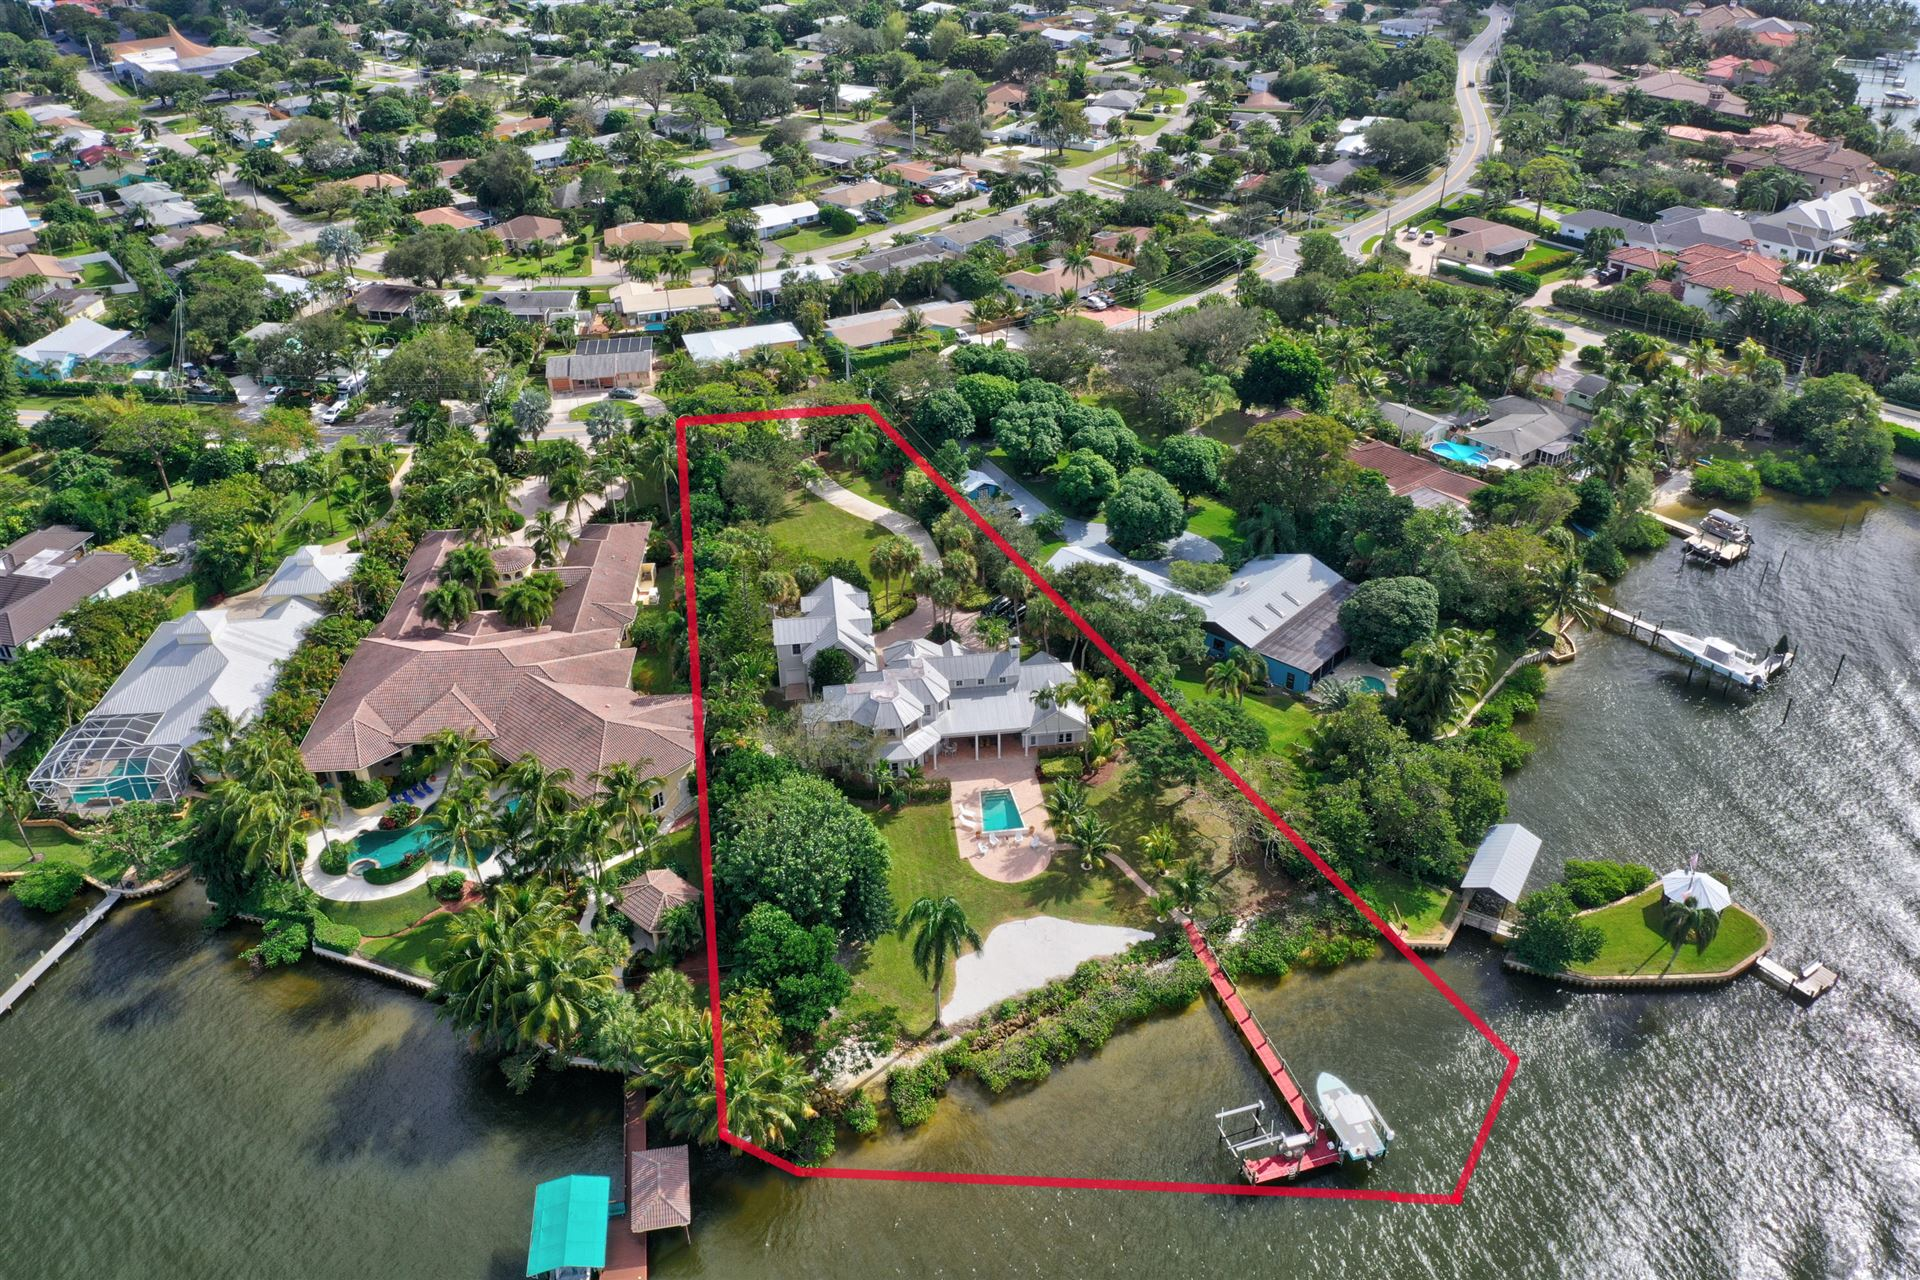 19207 N Riverside Drive, Tequesta, FL 33469 - #: RX-10668531